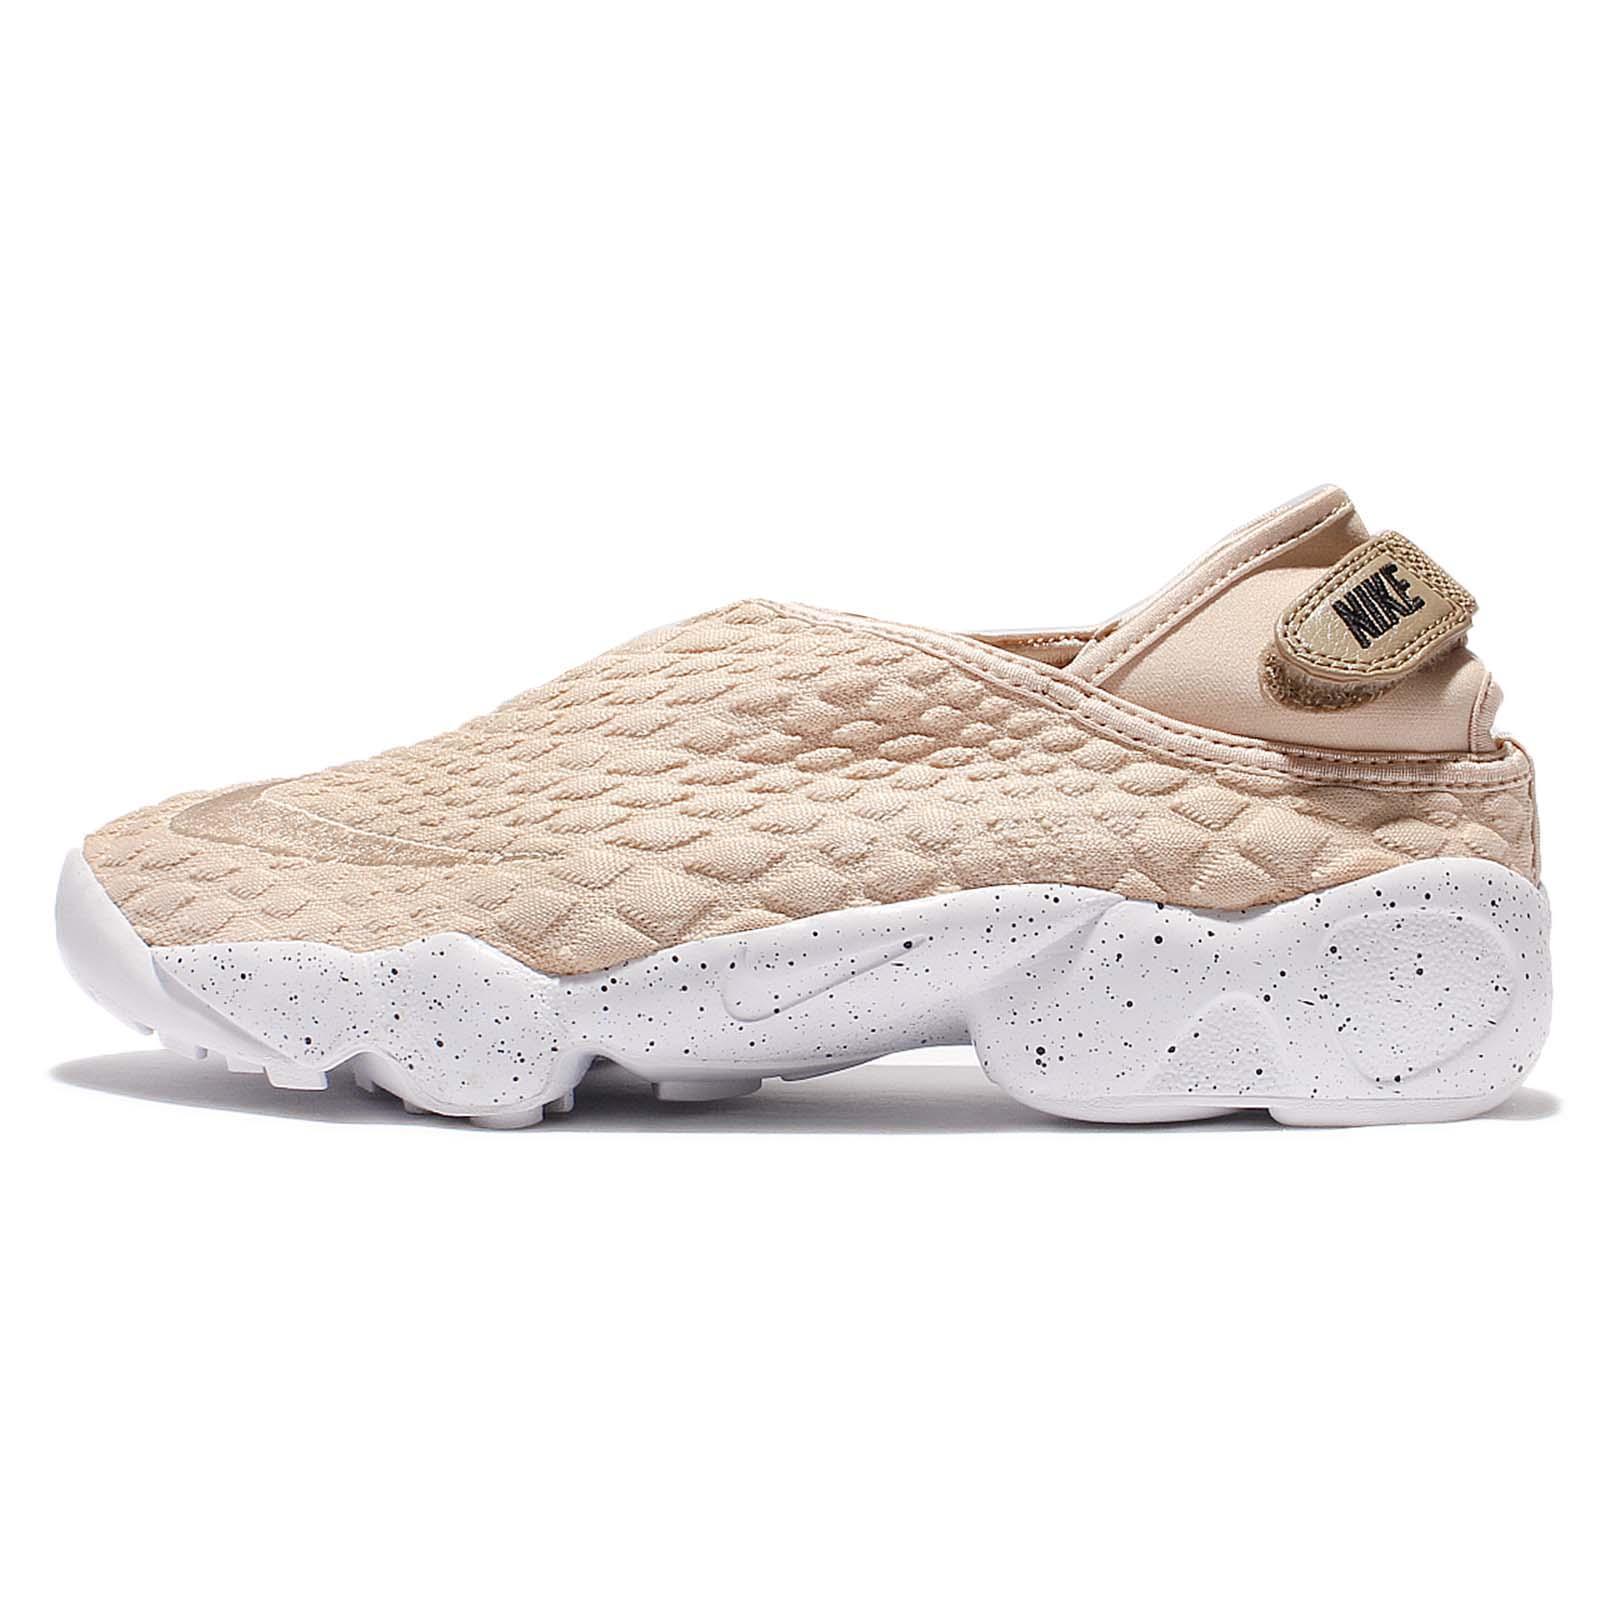 20810abcedb Nike Wmns Rift WRAP SE Oatmeal Khaki White Women Casual Shoes Sneaker  881192-100